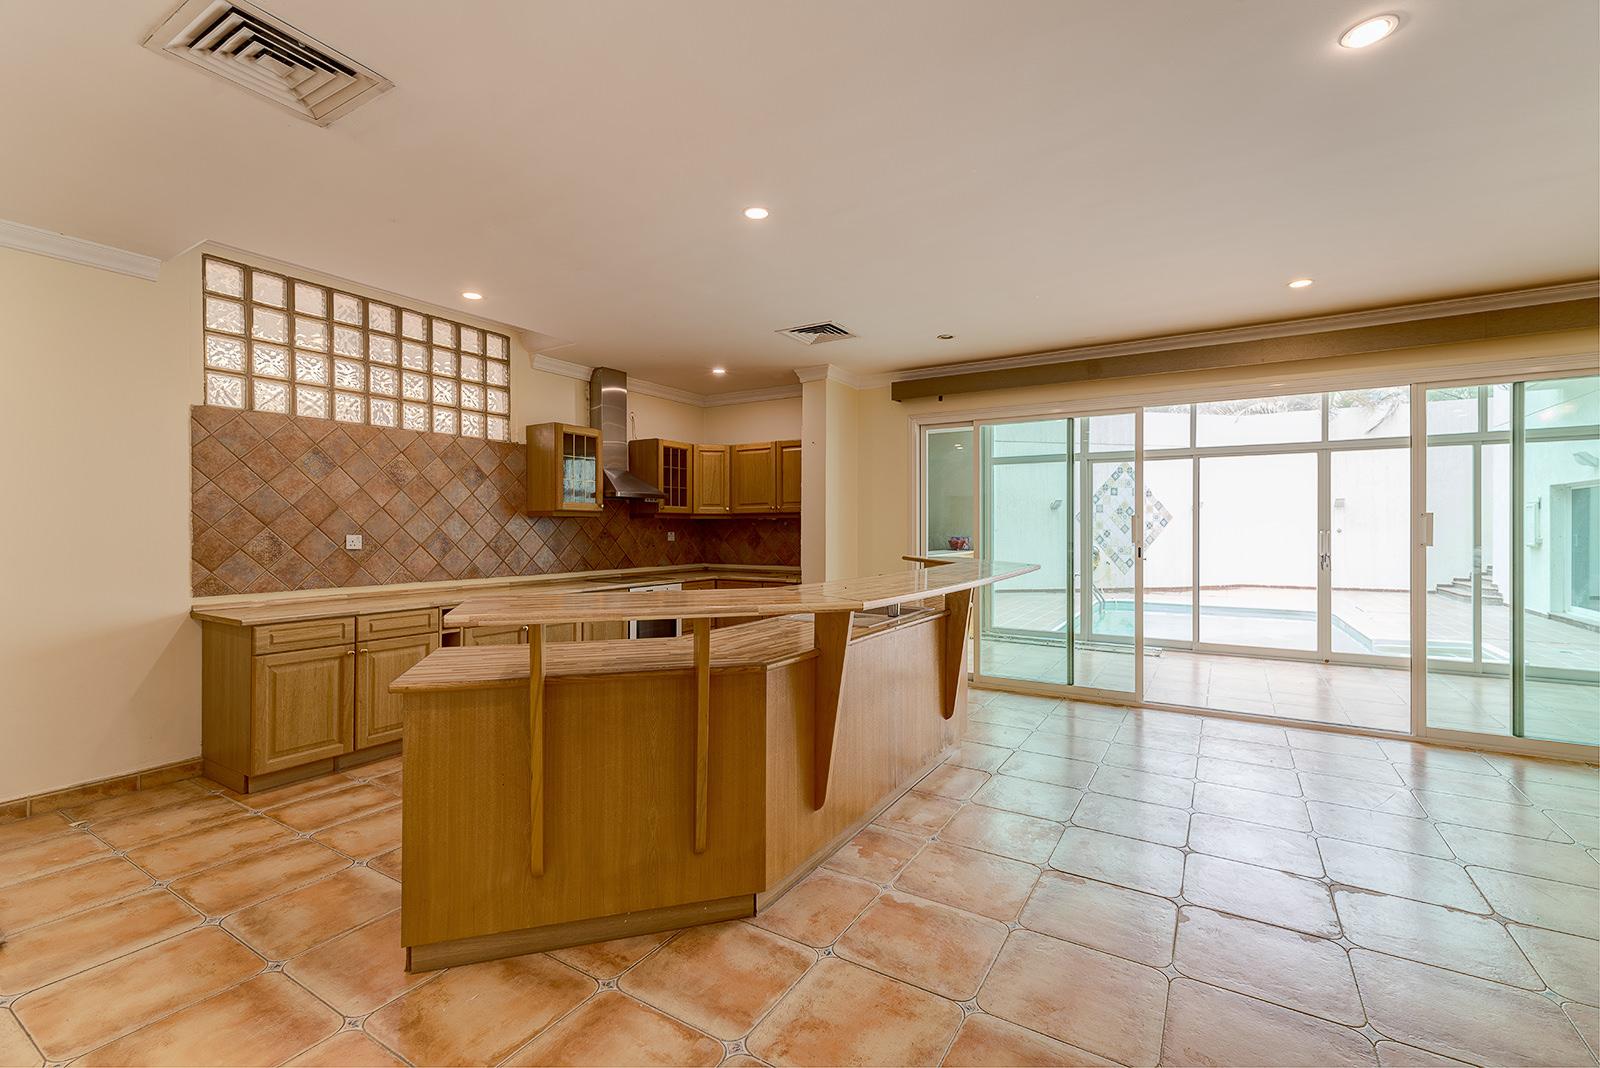 Mubarak Al Kabeer – very nice, spacious, unfurnished villa w/private pool